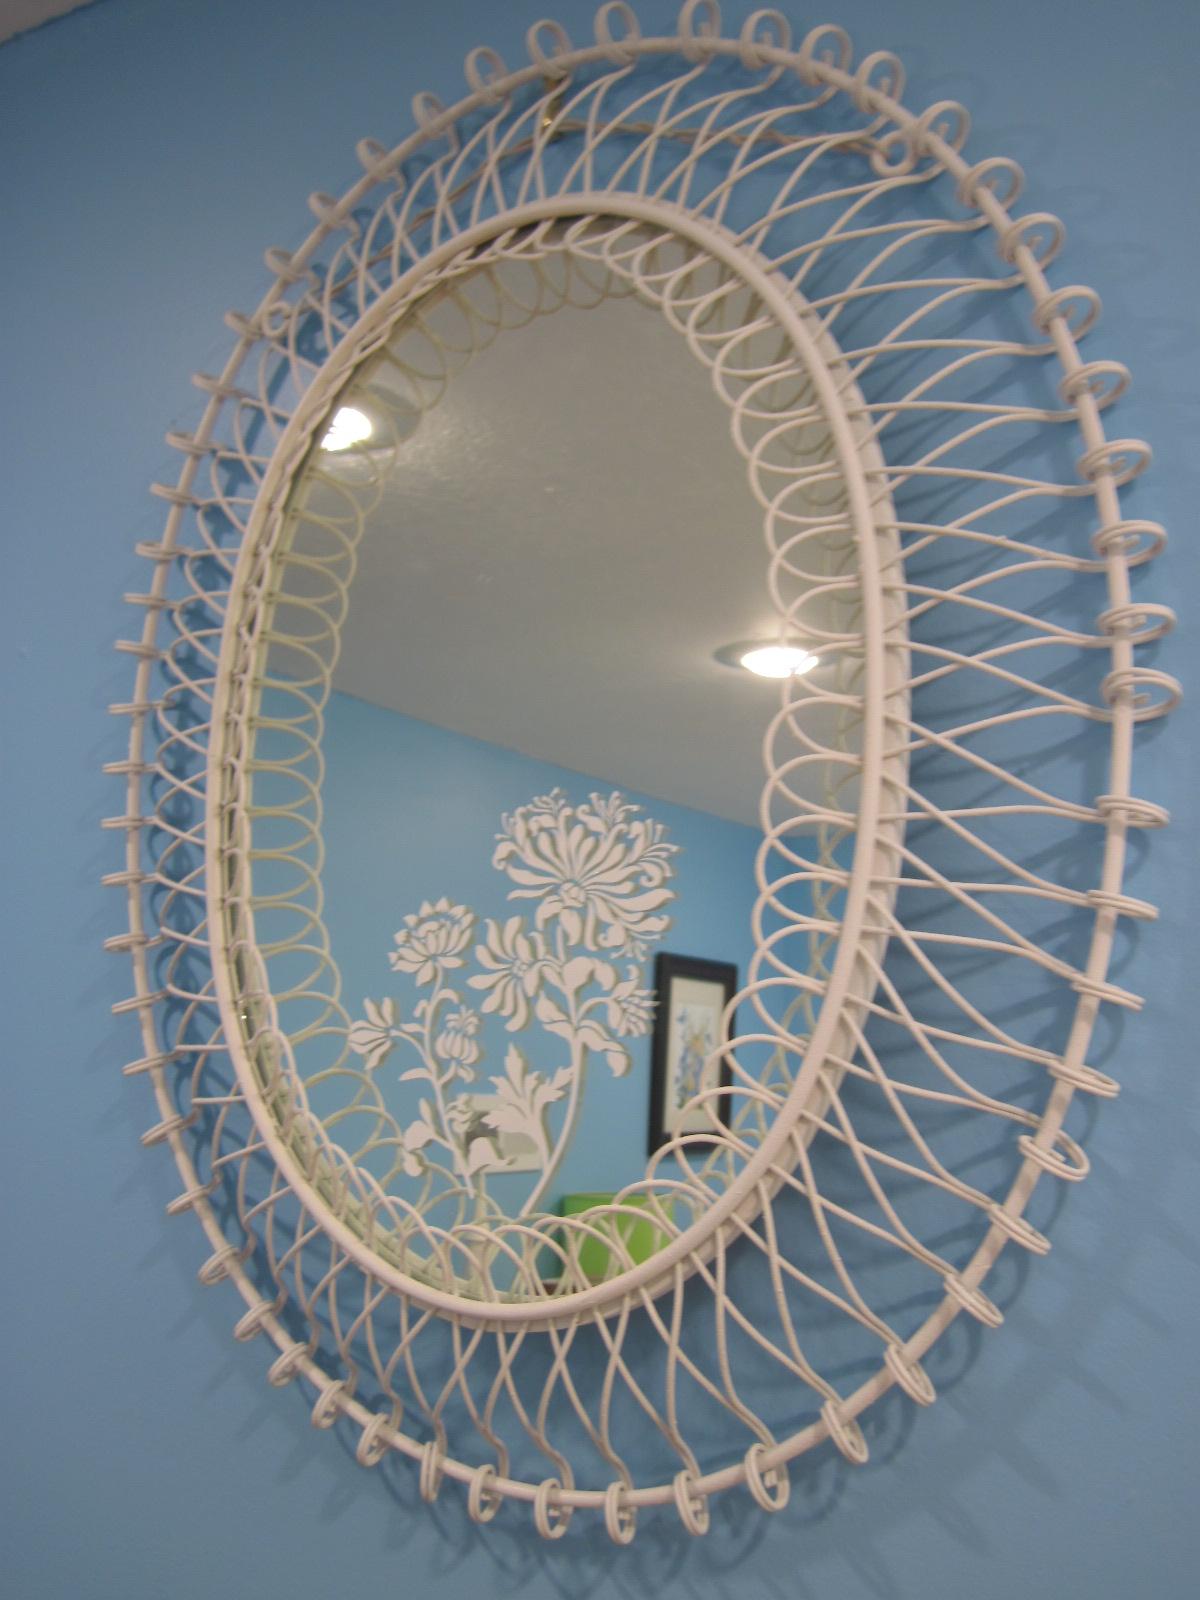 Décor Mirror